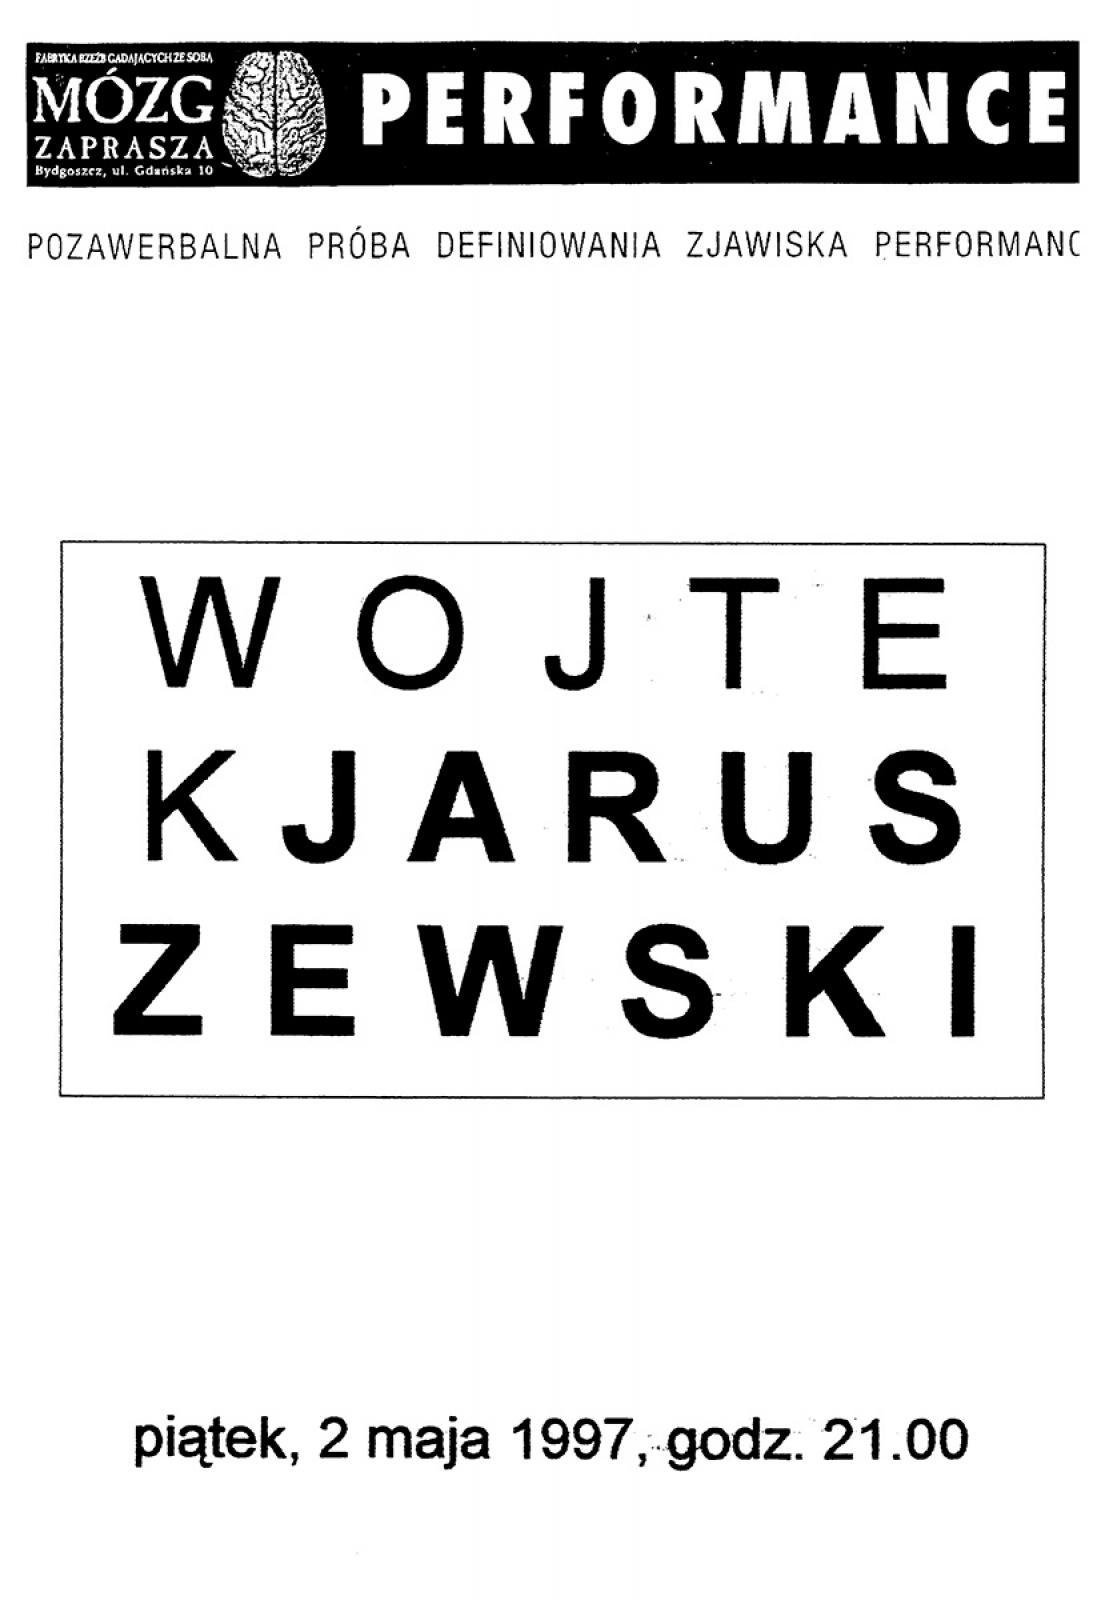 Wojtek Jaruszewski - z cyklu: pozawerbalna próba definiowania zjawiska performance